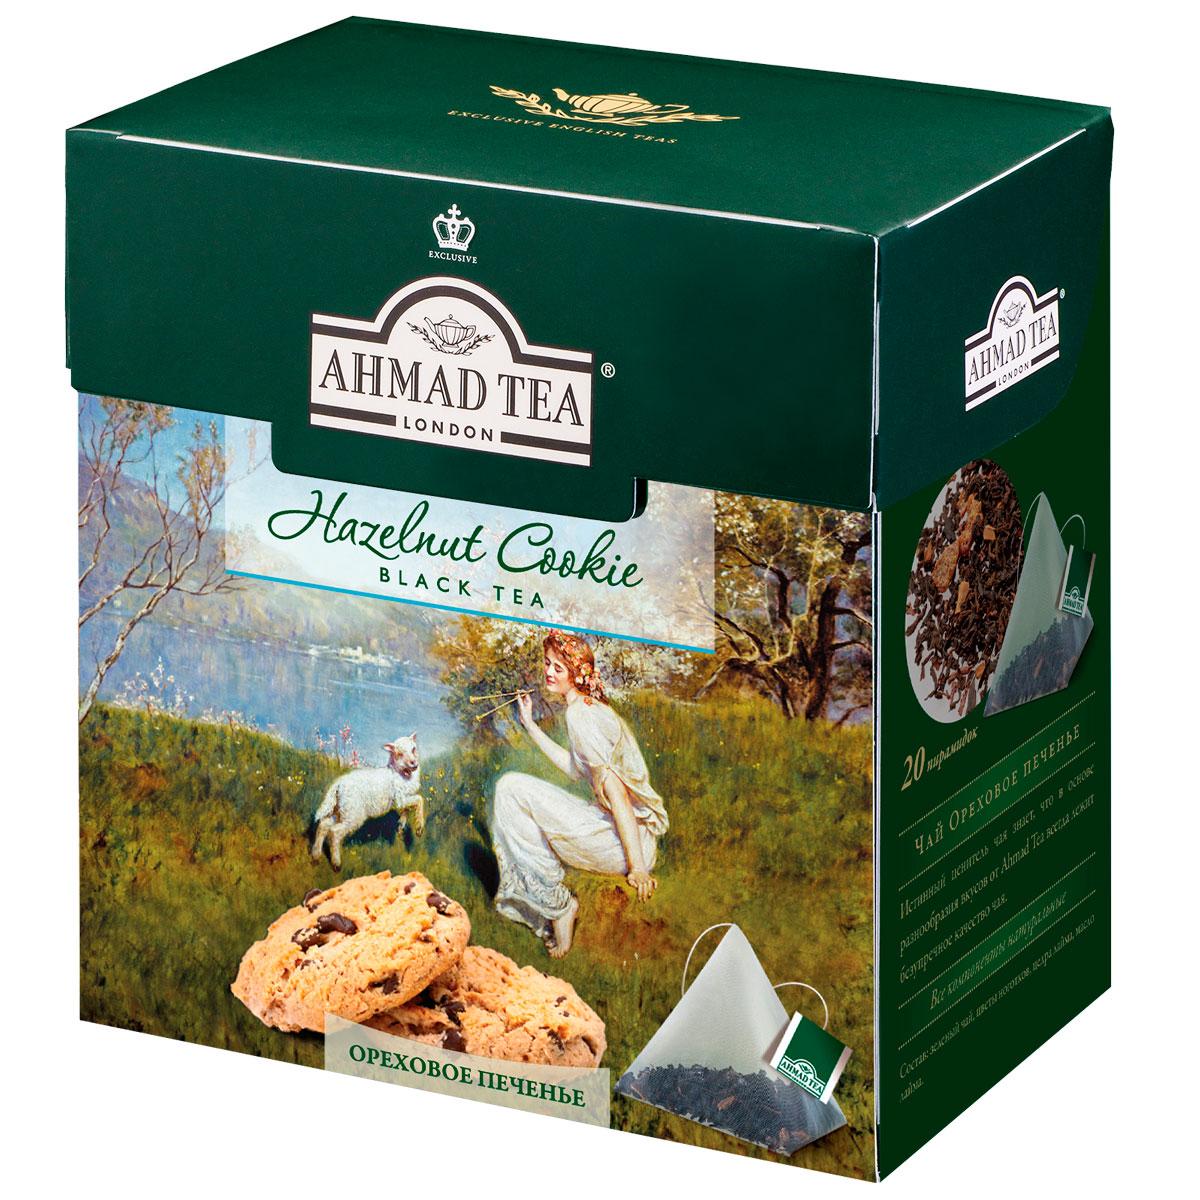 Ahmad Tea Hazelnut Cookie черный чай в пирамидках, 20 шт1403Благородный вкус черного чая Ahmad Tea Hazelnut Cookie с высокогорных плантаций Индии и Цейлона приобретает особенную выразительность в сочетании с тонким ореховым послевкусием. Сластинка лесного ореха смягчает классическую терпкость черного чая и придает десертное звучание этому изысканному купажу.